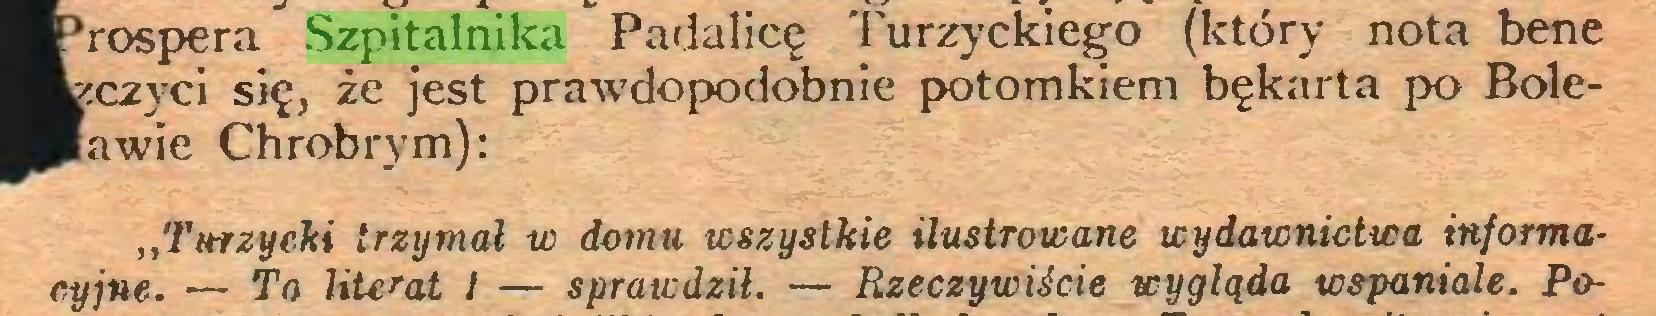 (...) rospera Szpitalnika Padalicę 'Purzyckiego (który nota bene .czyci się, że jest prawdo podobnie potomkiem bękarta po Boleawie Chrobrym): ,,Turzyeki trzymał w domu wszystkie ilustrowane wydawnictwa informacyjne. — To HtcraL I — sprawdził. — Rzeczywiście wygląda wspaniale. Po...